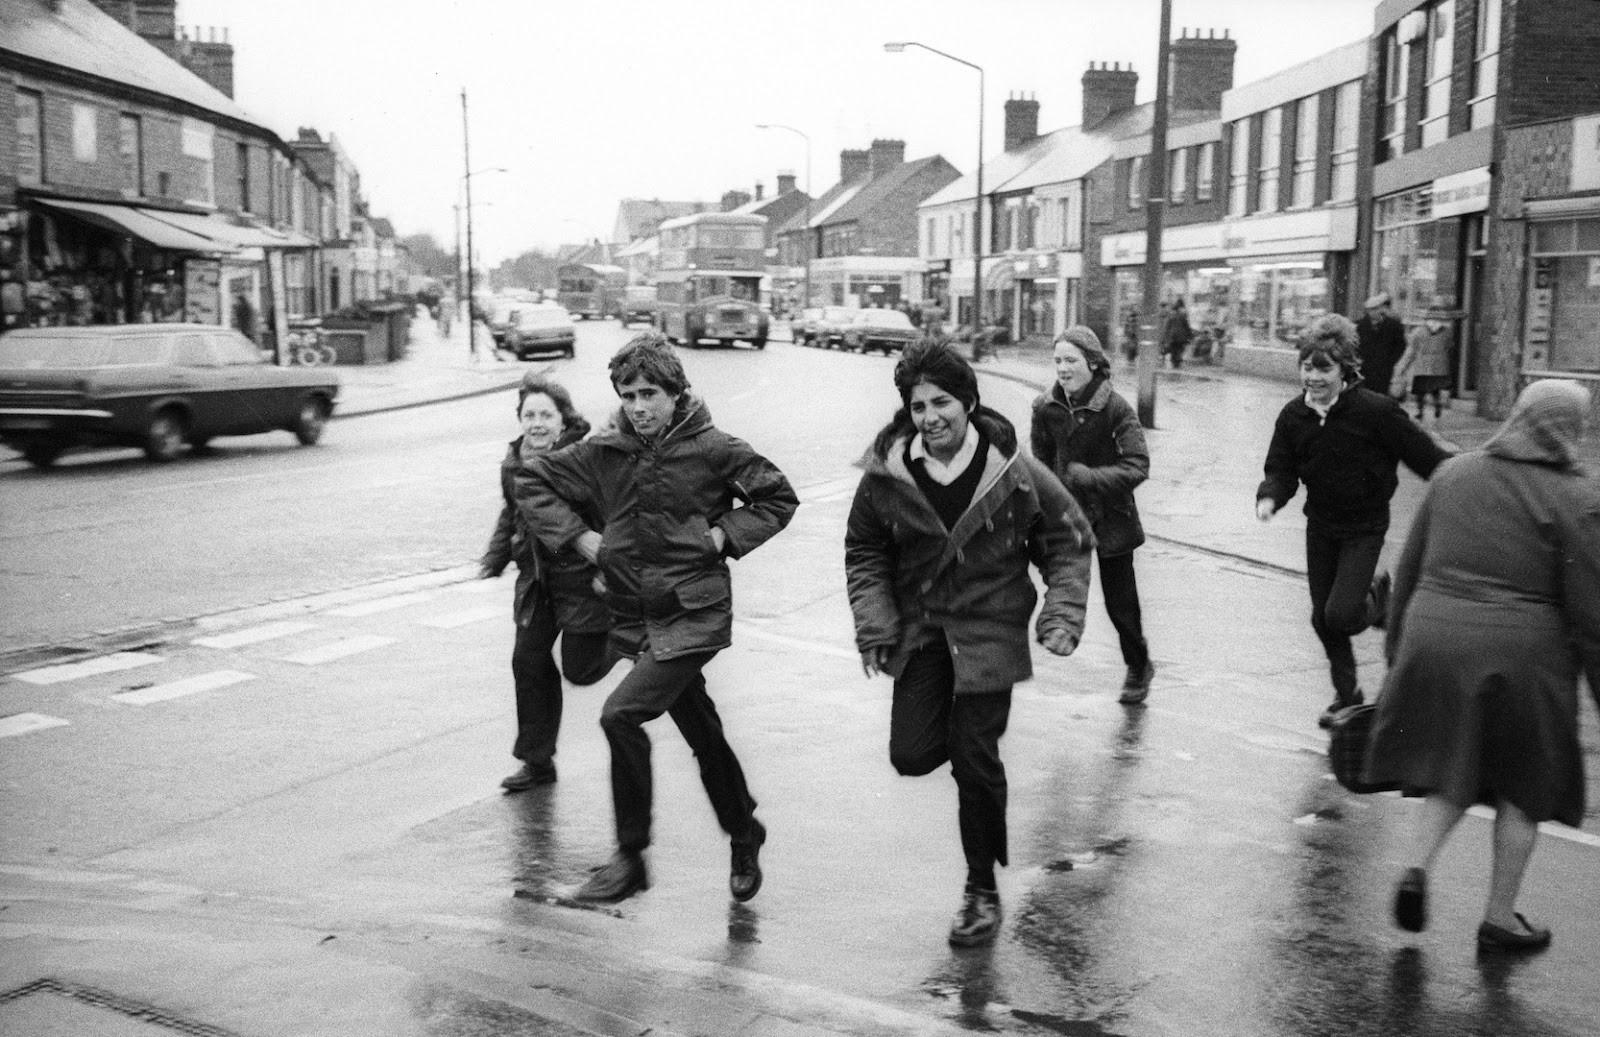 Five Boys Running - Original